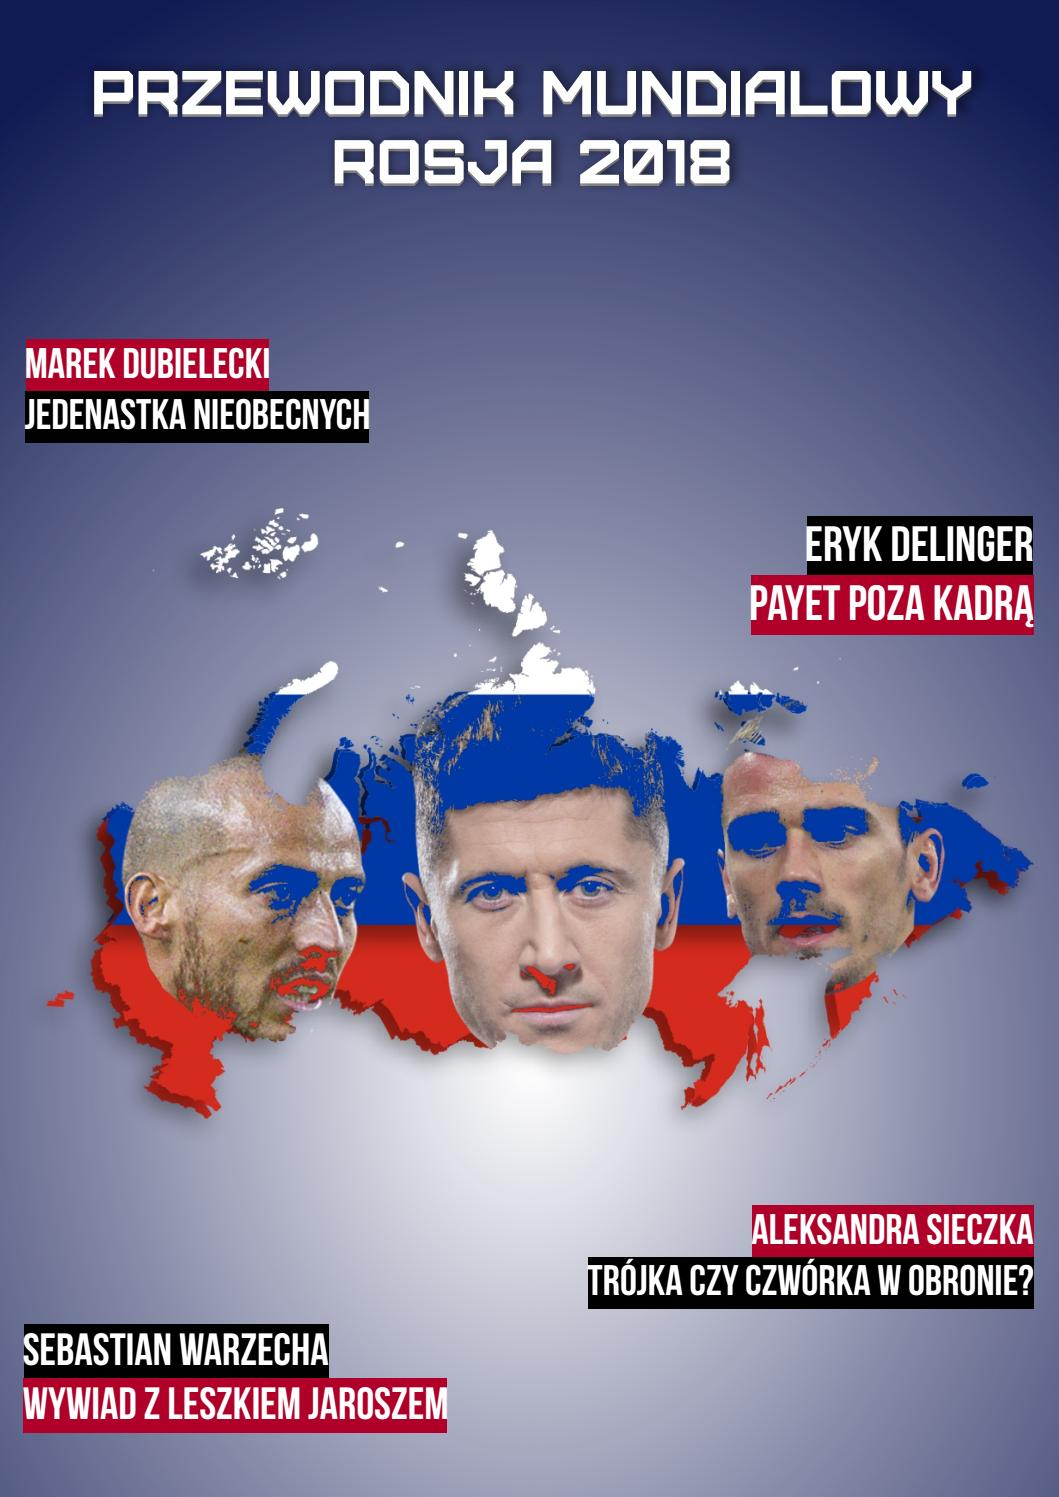 024e26733 Przewodnik Mundialowy Rosja 2018 by ¡Olé! Magazyn - issuu